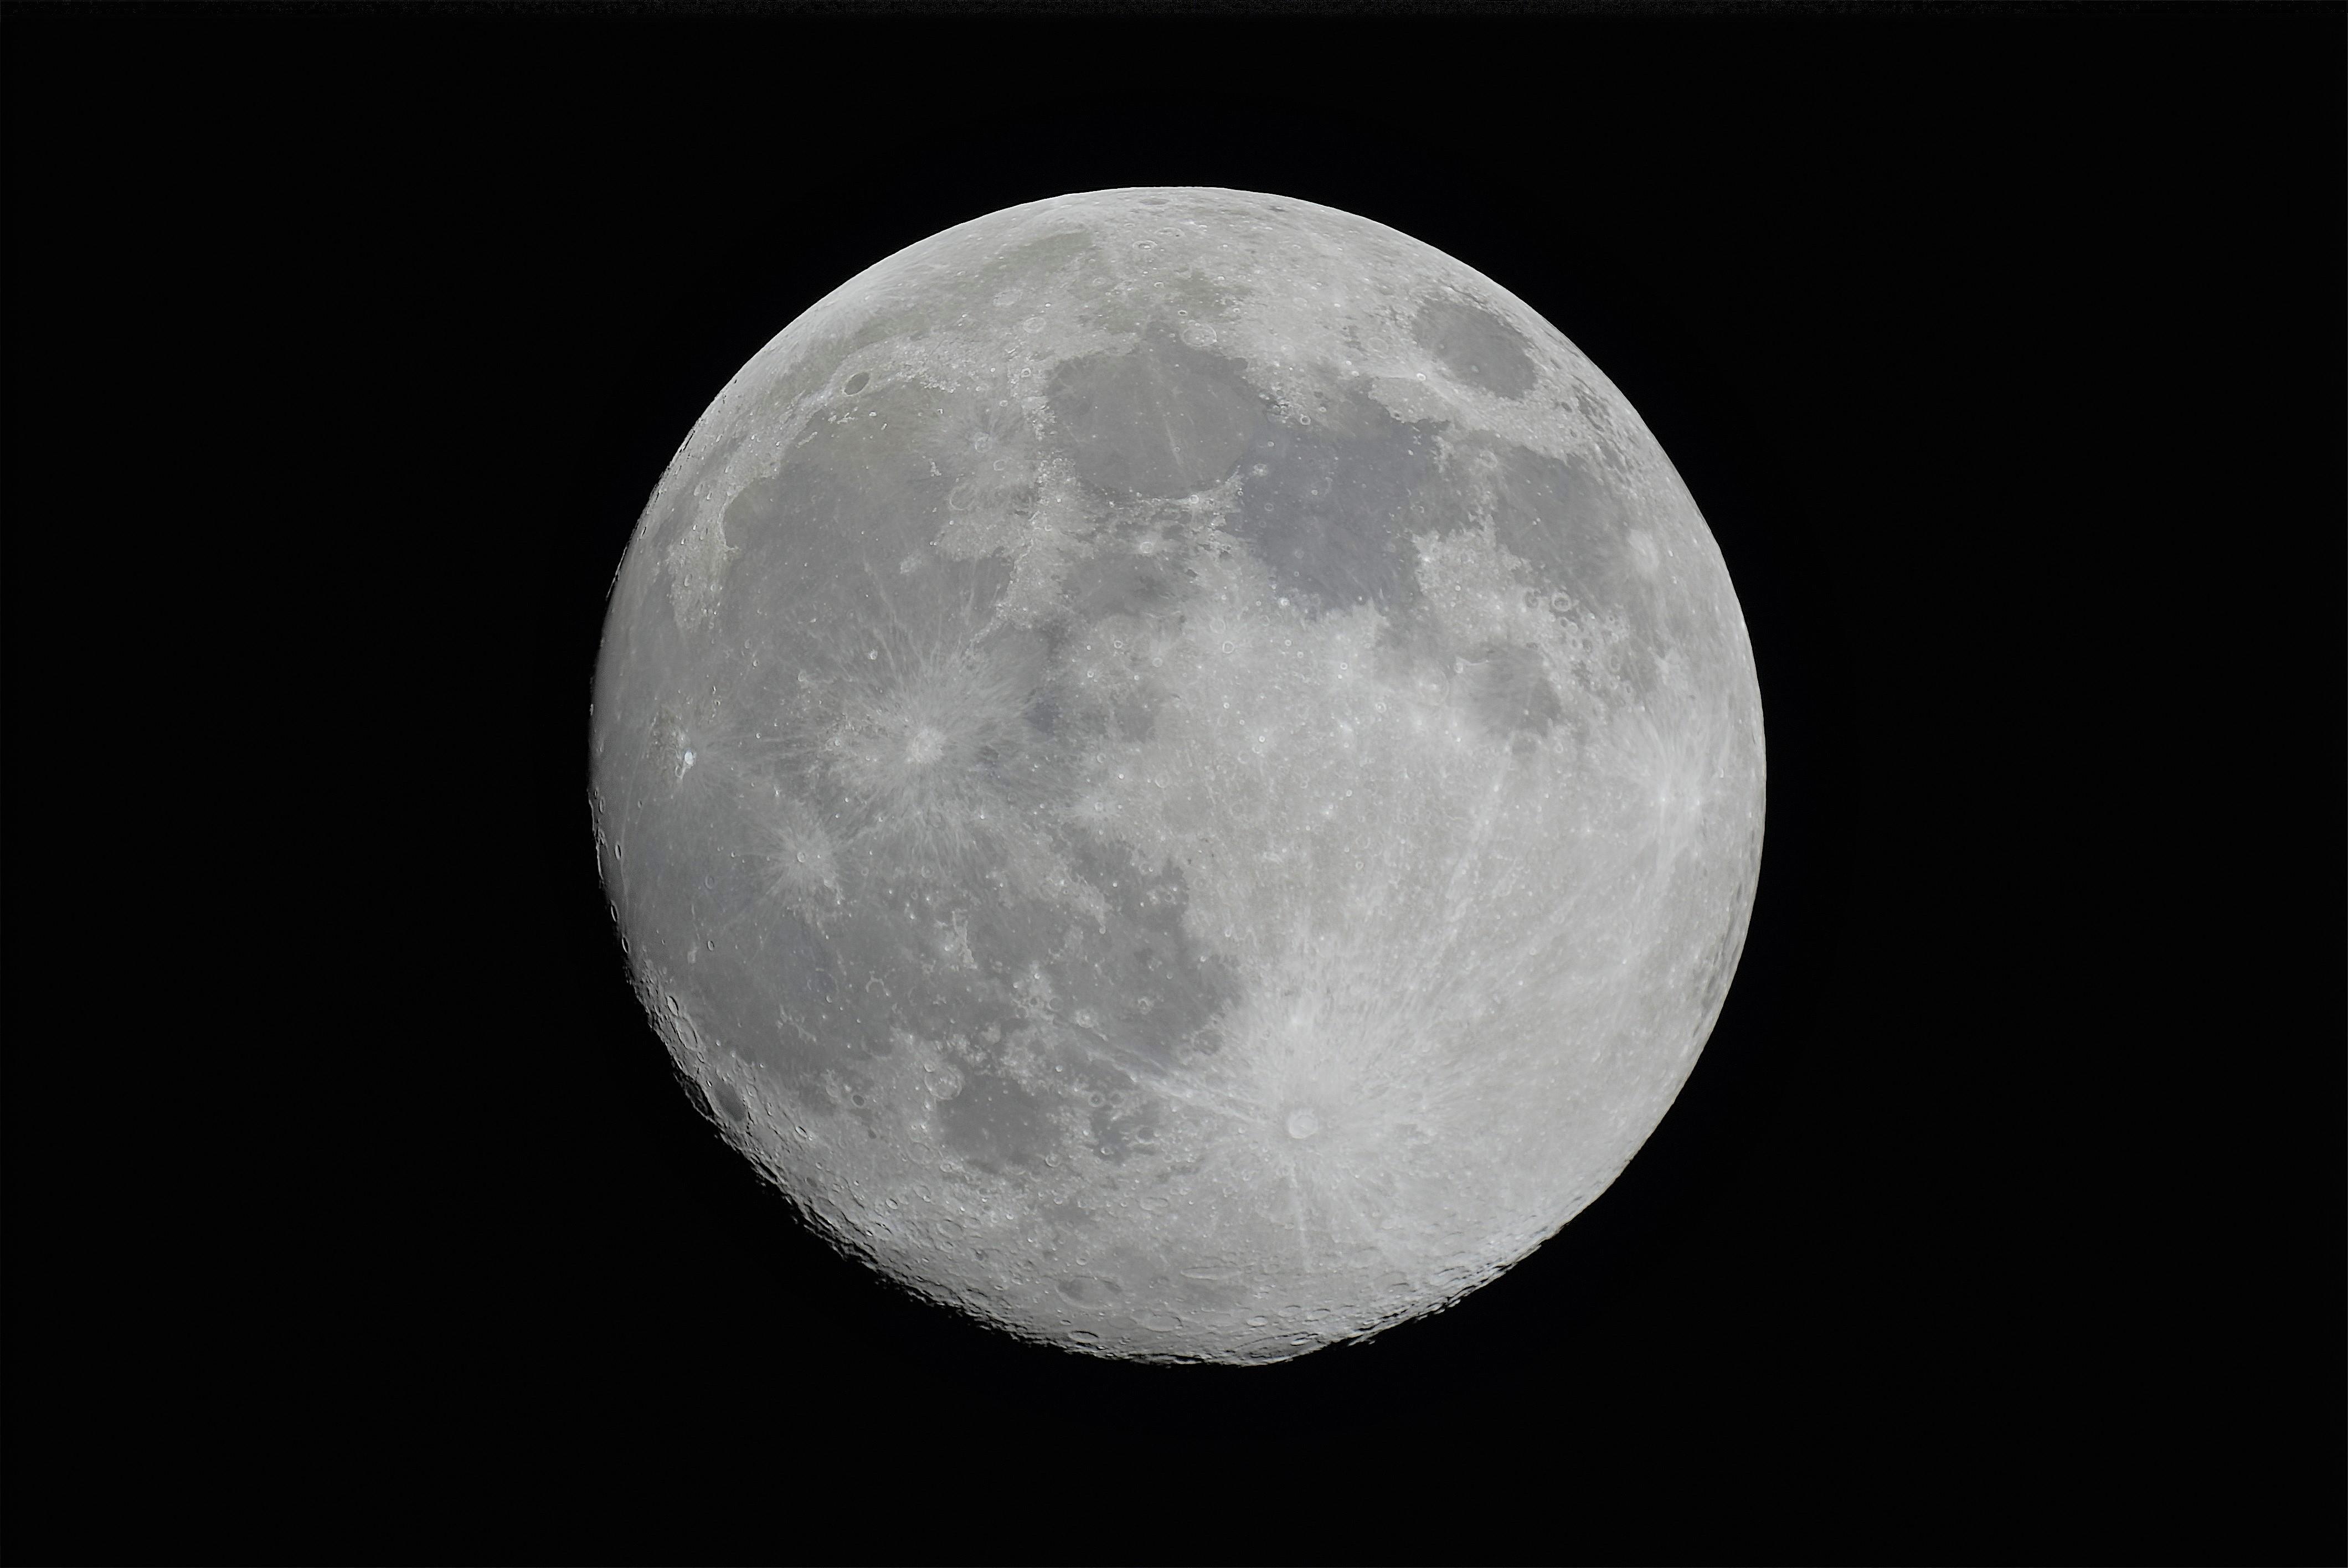 Las cosmocrónicas de Museos de Tenerife muestran la Superluna y varios satélites